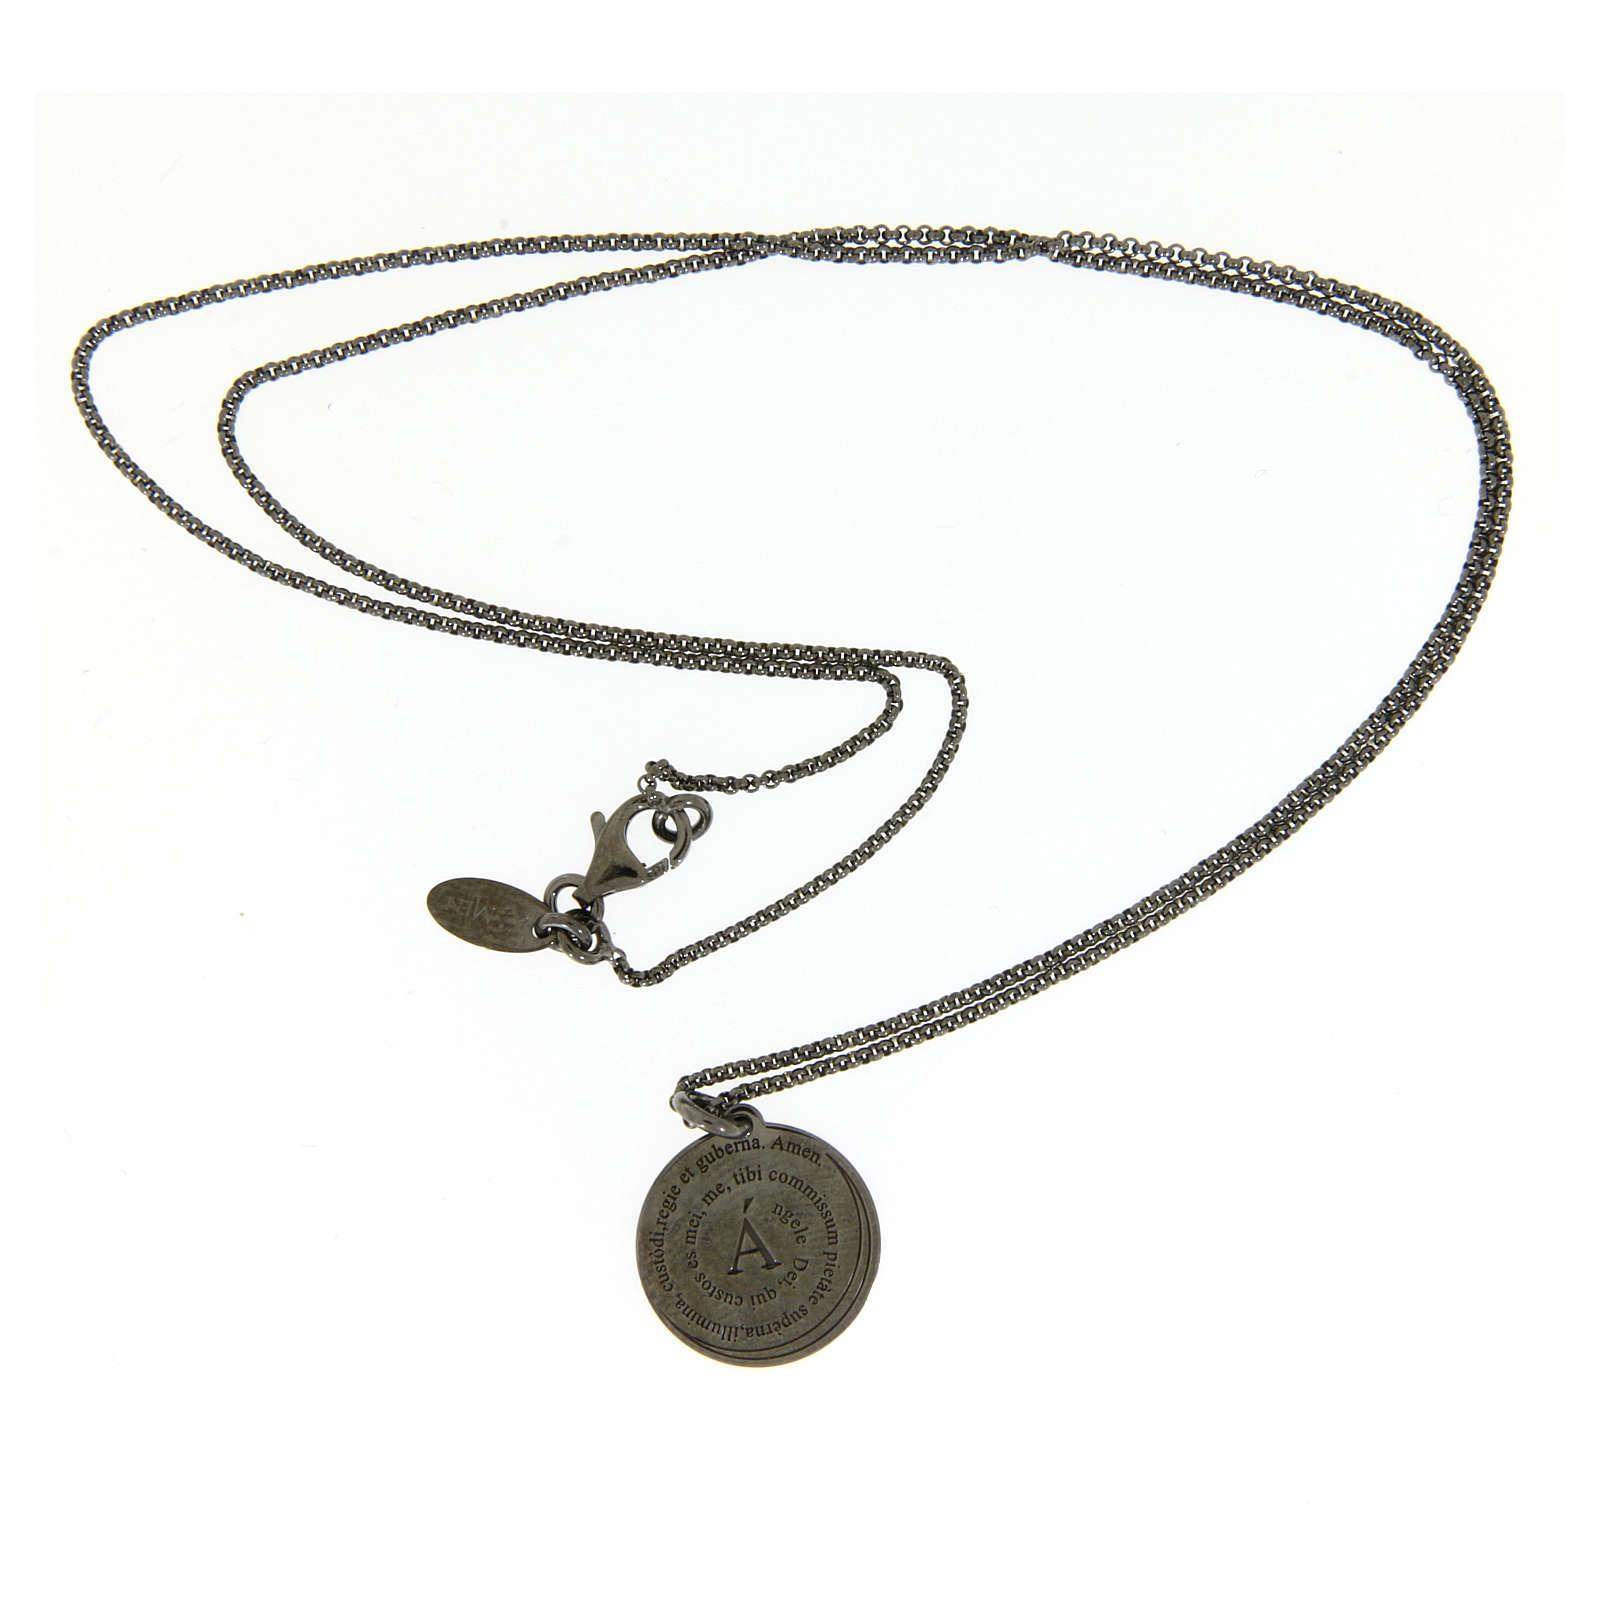 Kette AMEN für Mann getönten Silber 925 Medaille Engel Gottes 4